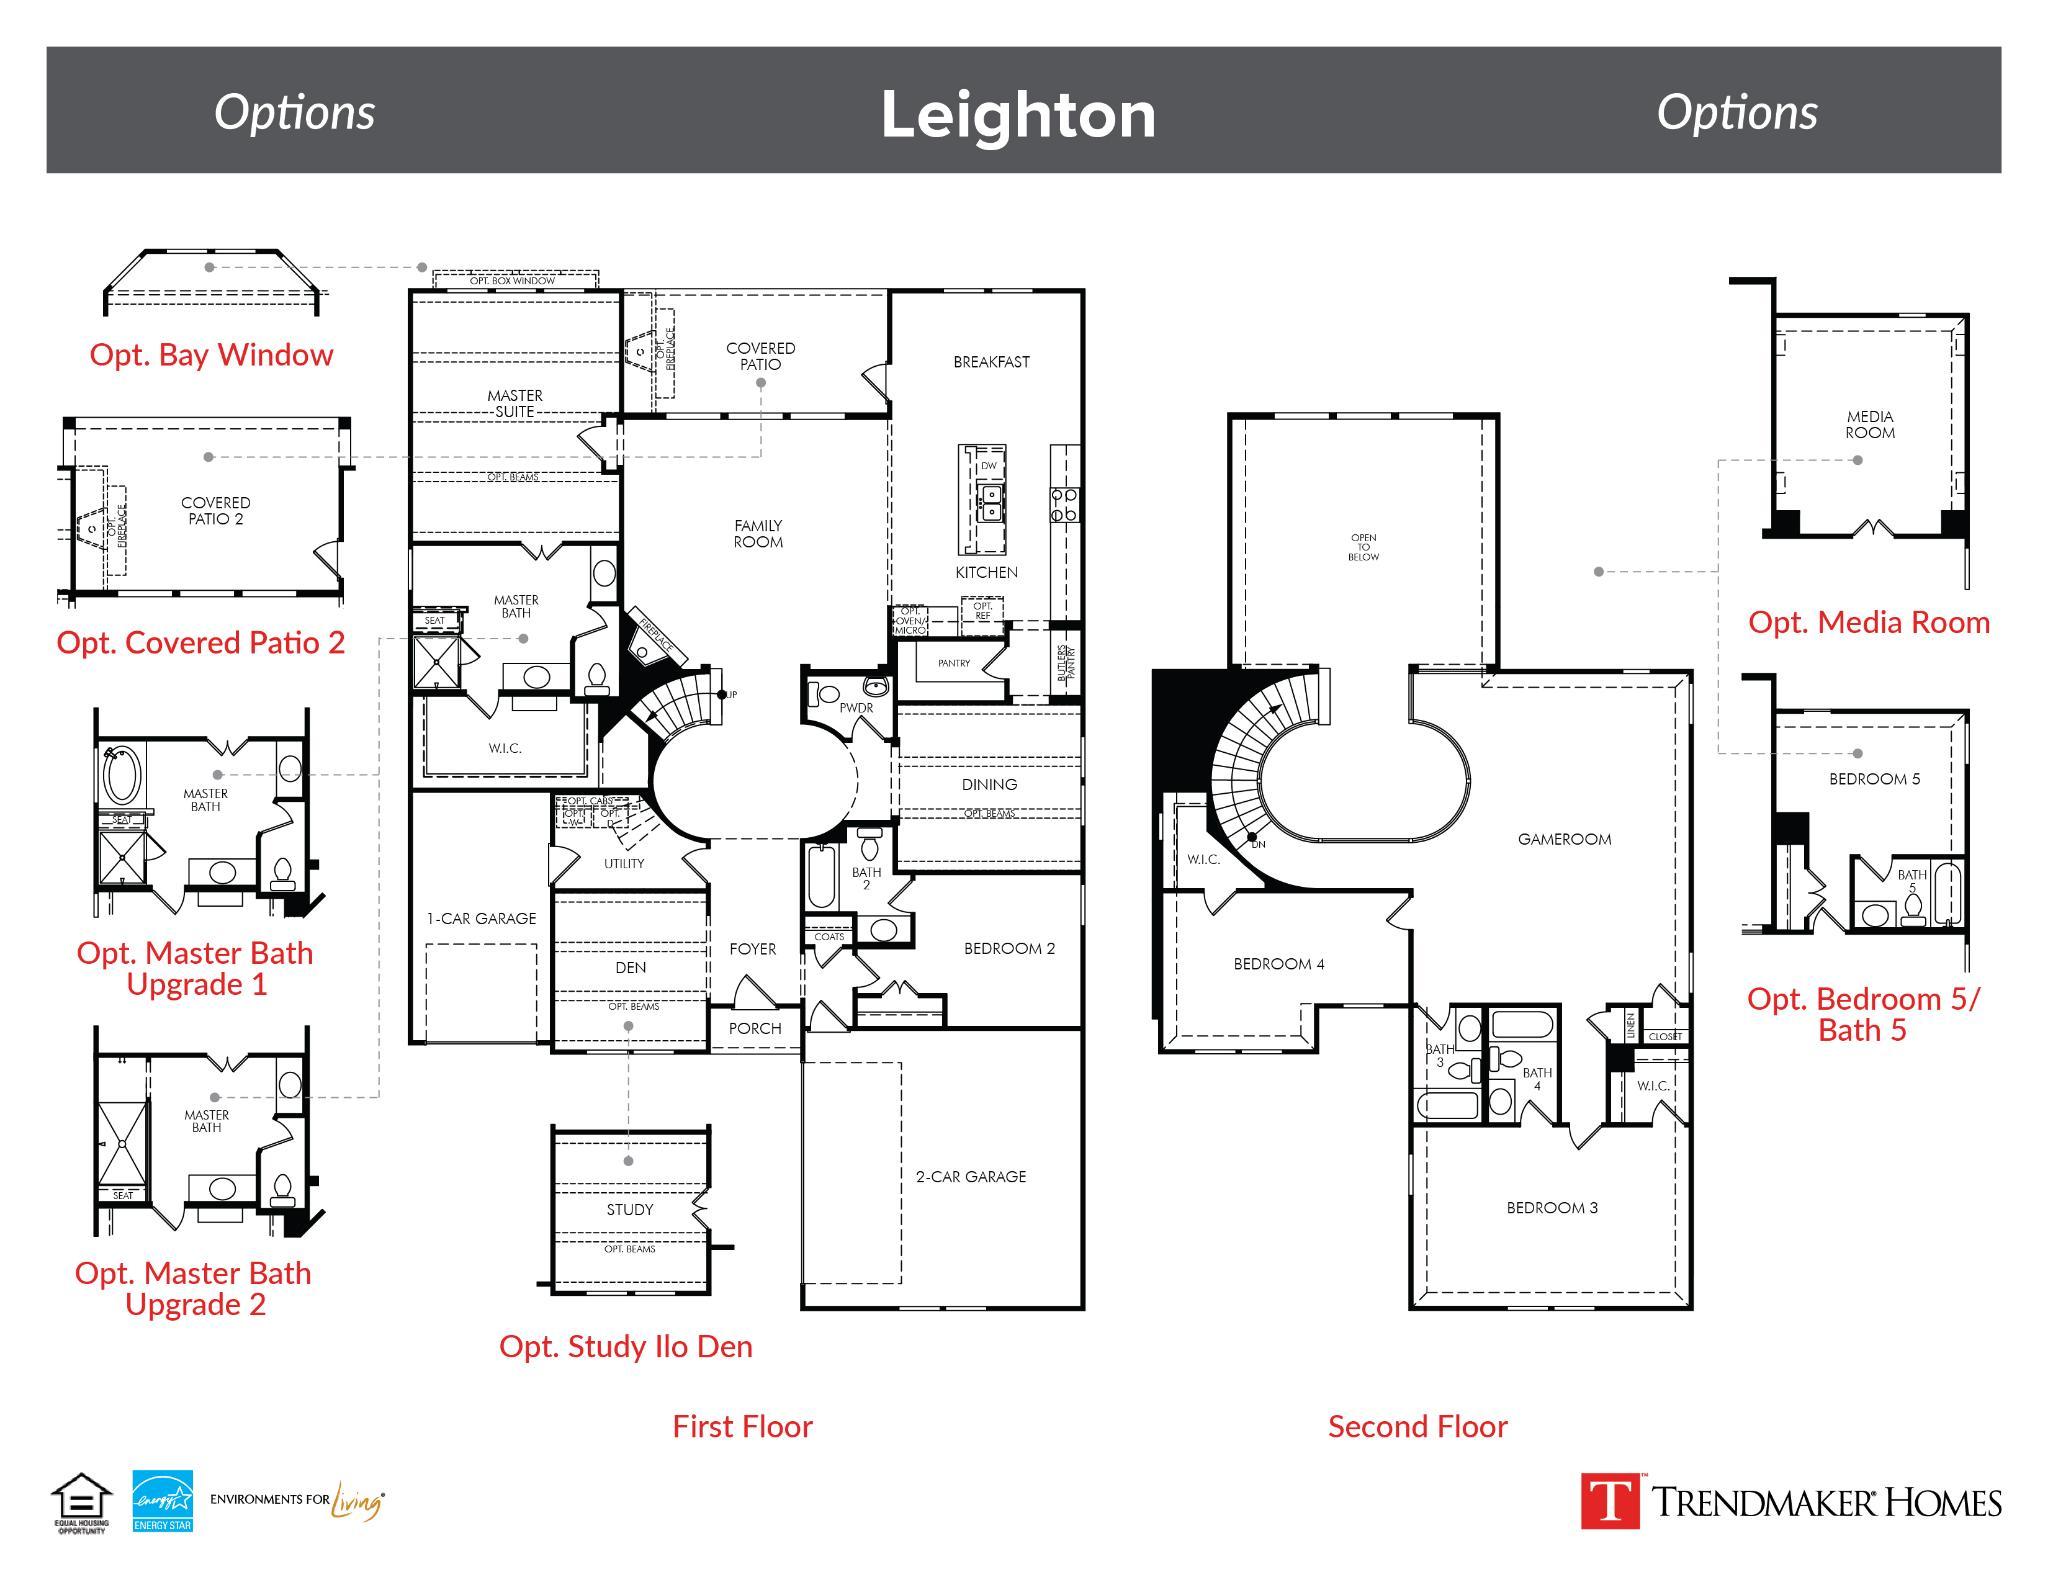 Leighton - Glen View